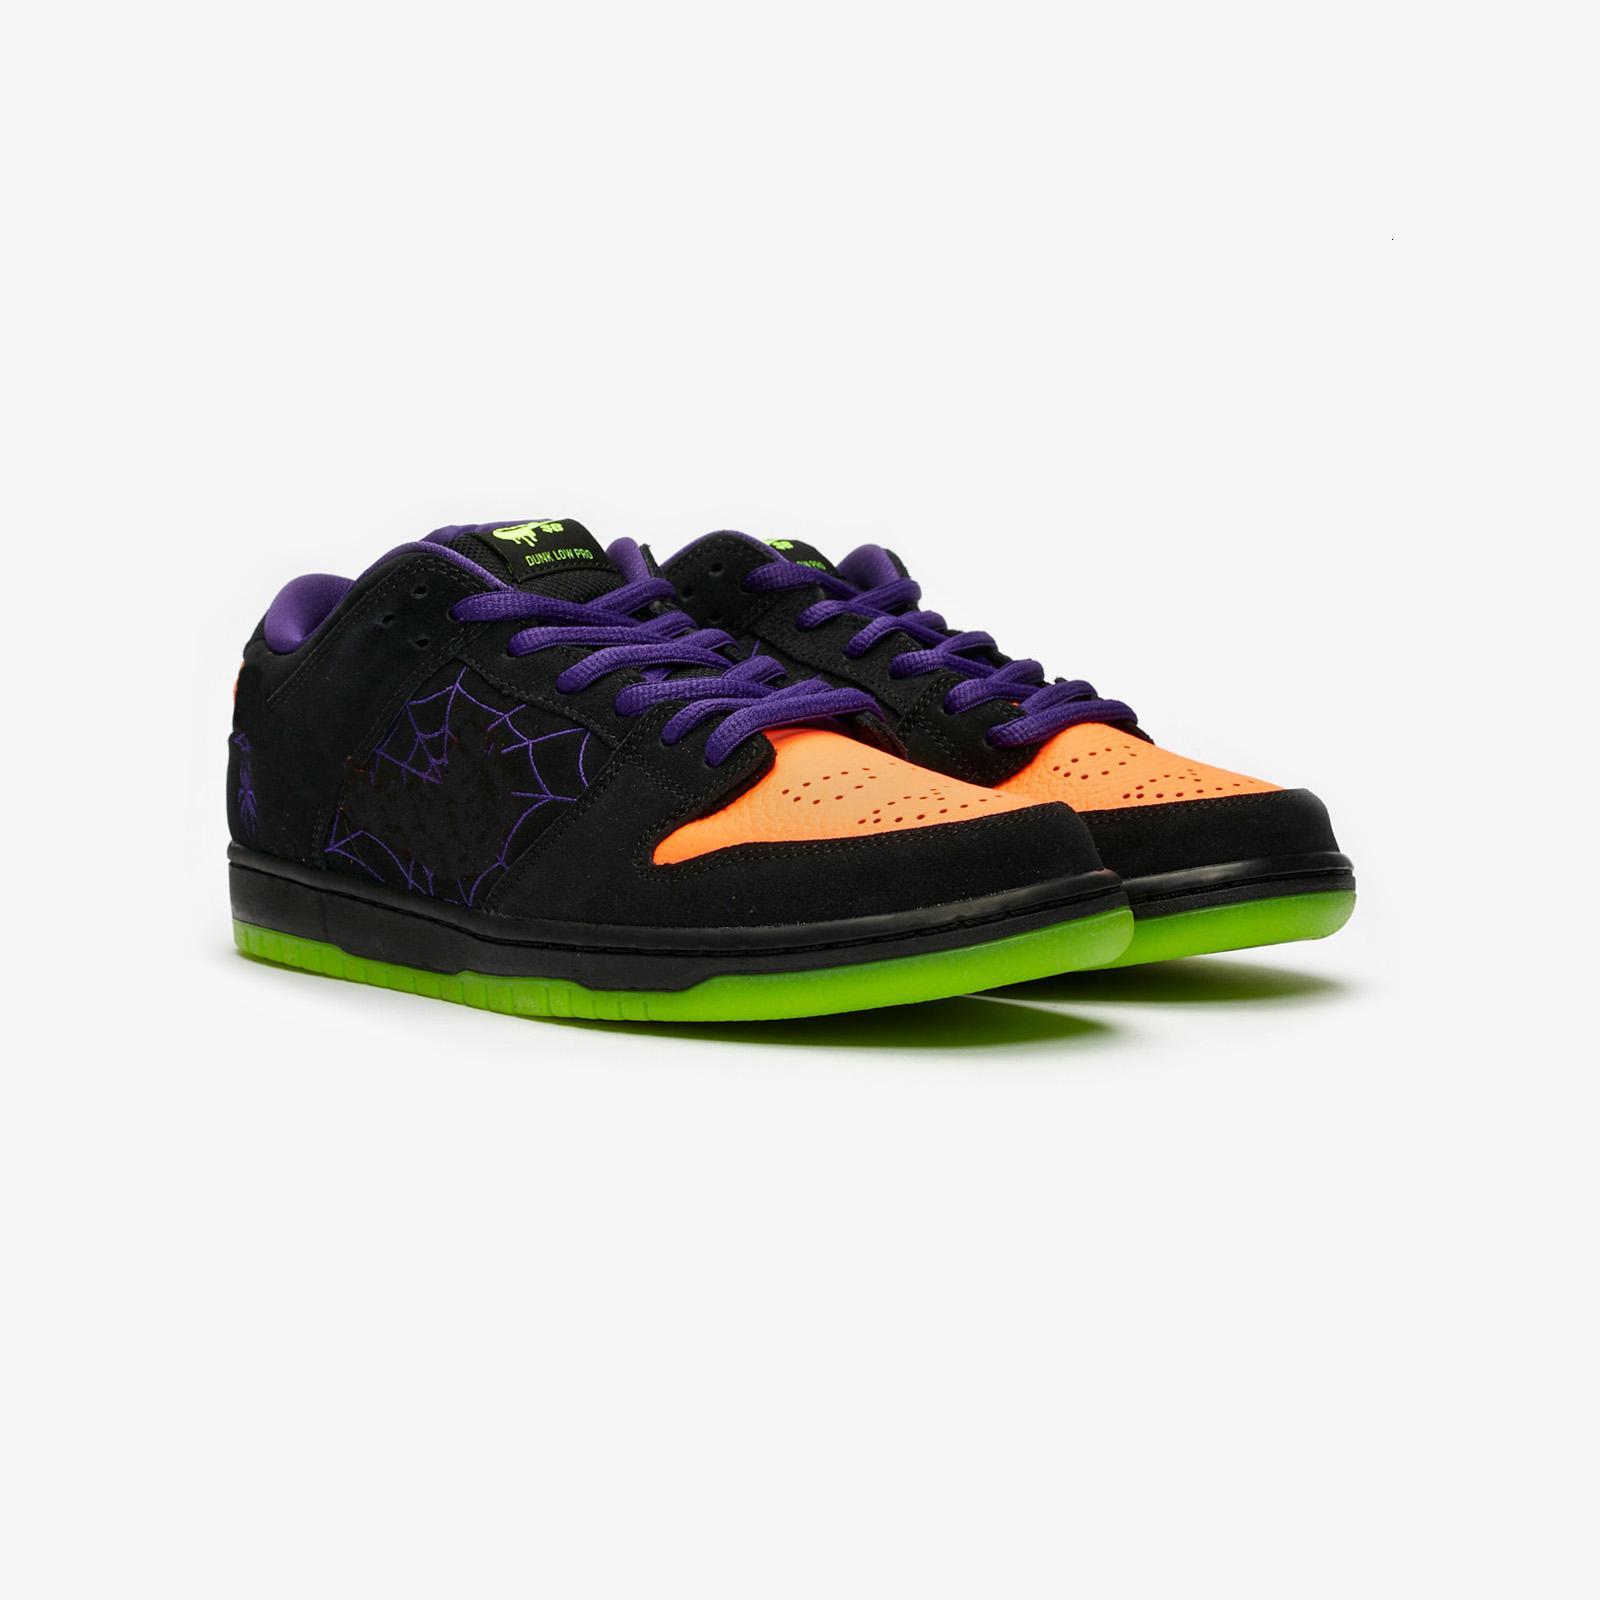 6817 006 Подлинный Sb Dunk Низкая Ночь Озорства Bq-Черный Оранжевый Фиолетовый Электрический Зеленый Хэллоуин Работает Спортивные Кроссовки Оригиналы Новый